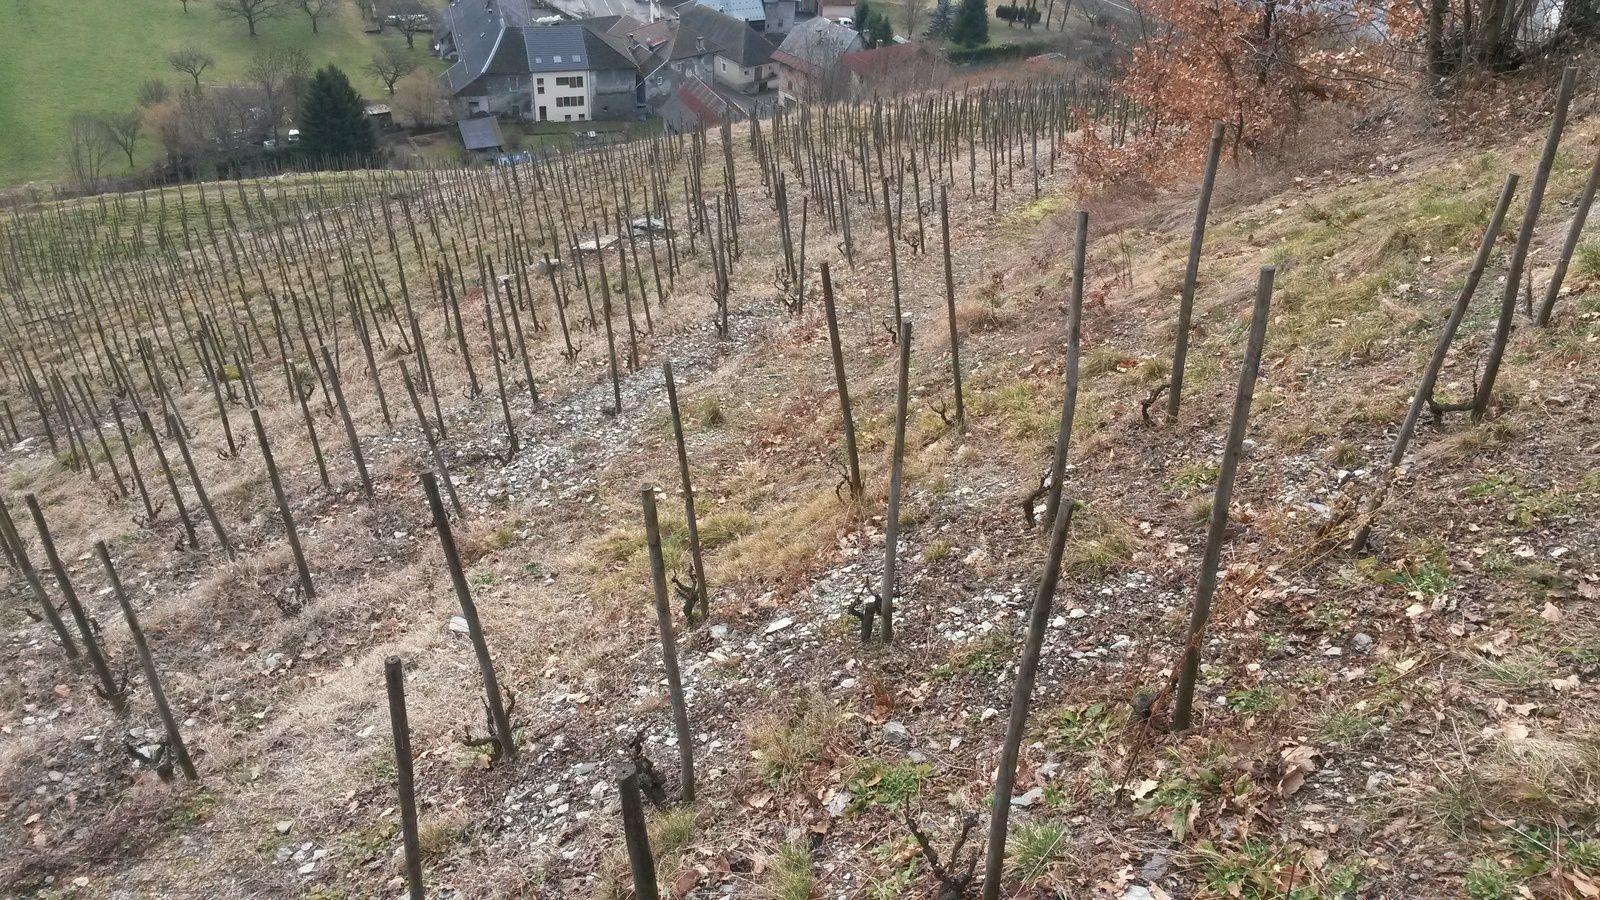 Vignes taillées en gobelet, et sur échalas, afin d'optimiser l'ensoleillement, plutôt faible dans ce coin-là.